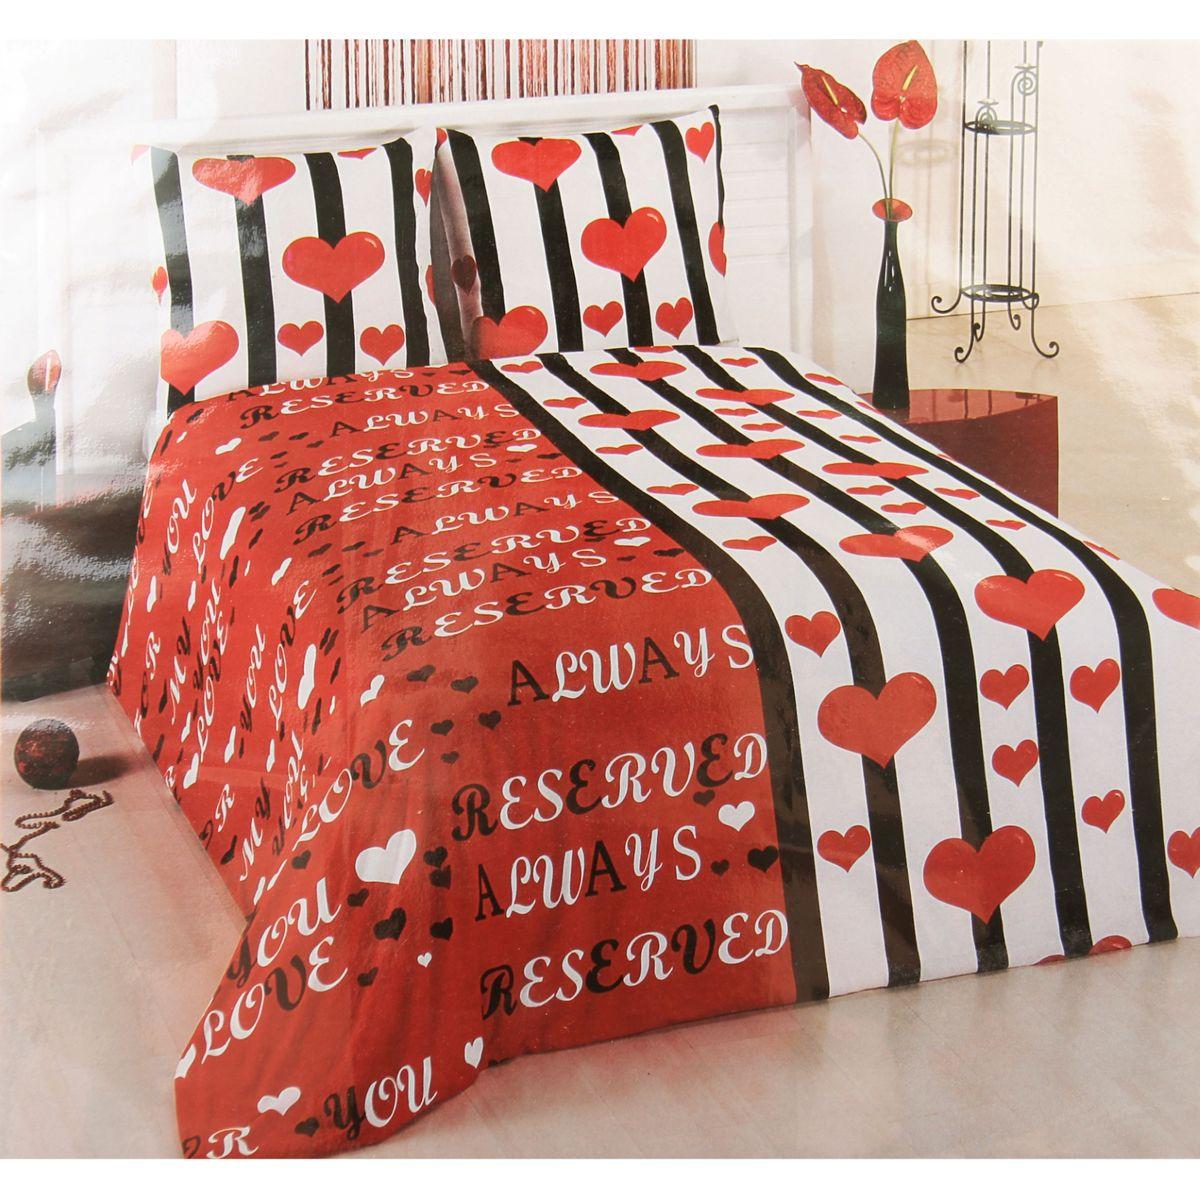 Комплект белья ANTALYA, 1,5-спальный, наволочки 70x70. 824695CA-3505произведено из высококачественного турецкого хлопка, простынка на резинке, пододеяльник и наволочки на замке